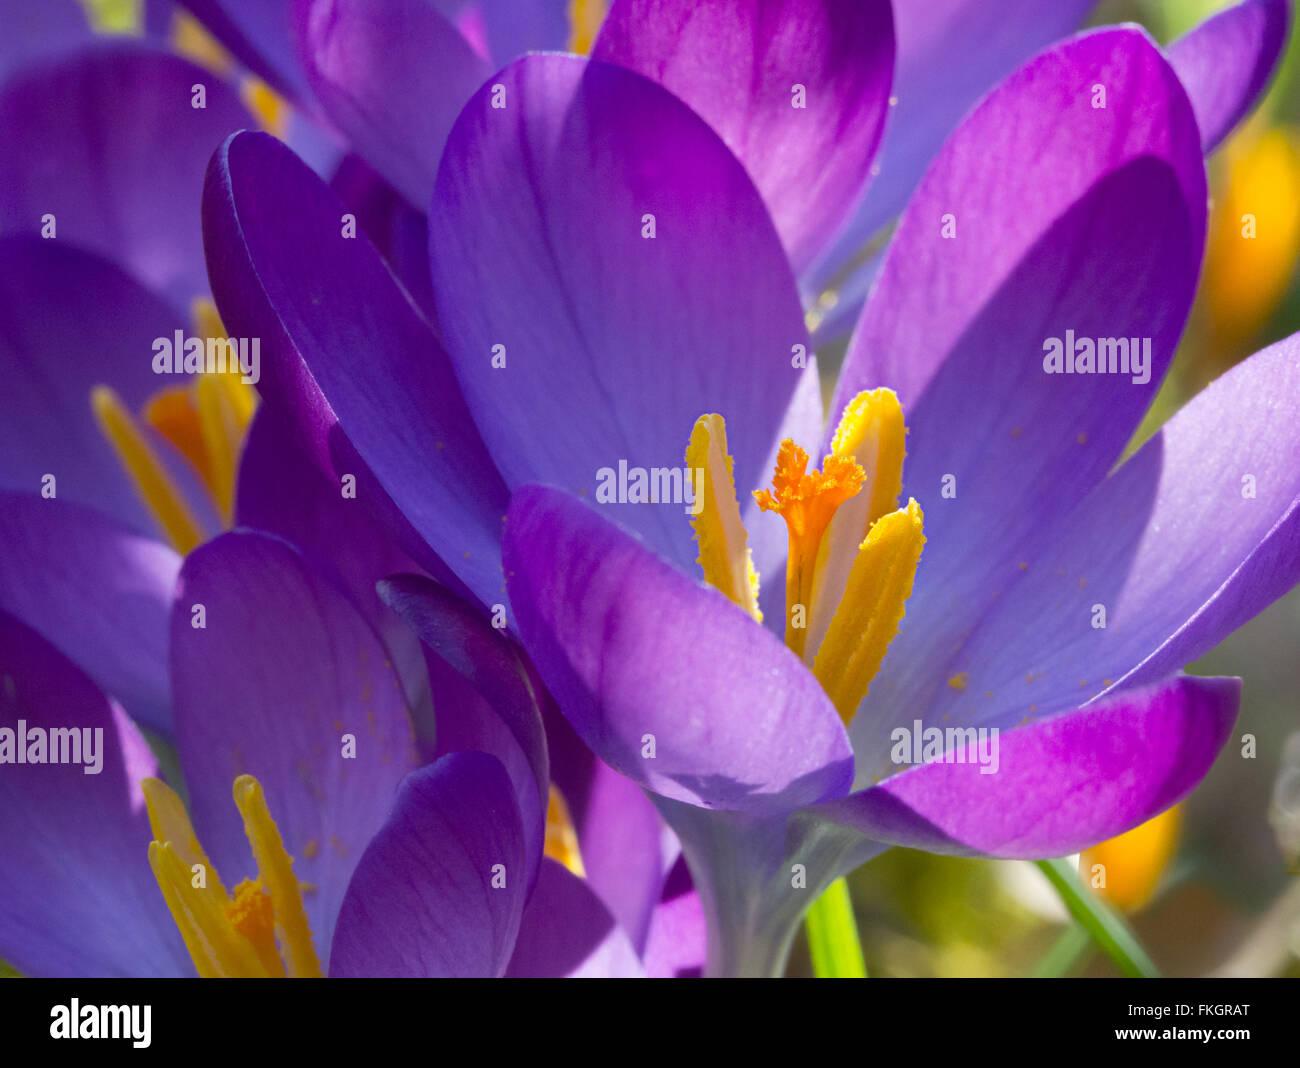 Etwas Neues genug Krokus Nahaufnahme von Pflanzen mit Pollen. Violette Blätter und &JZ_95